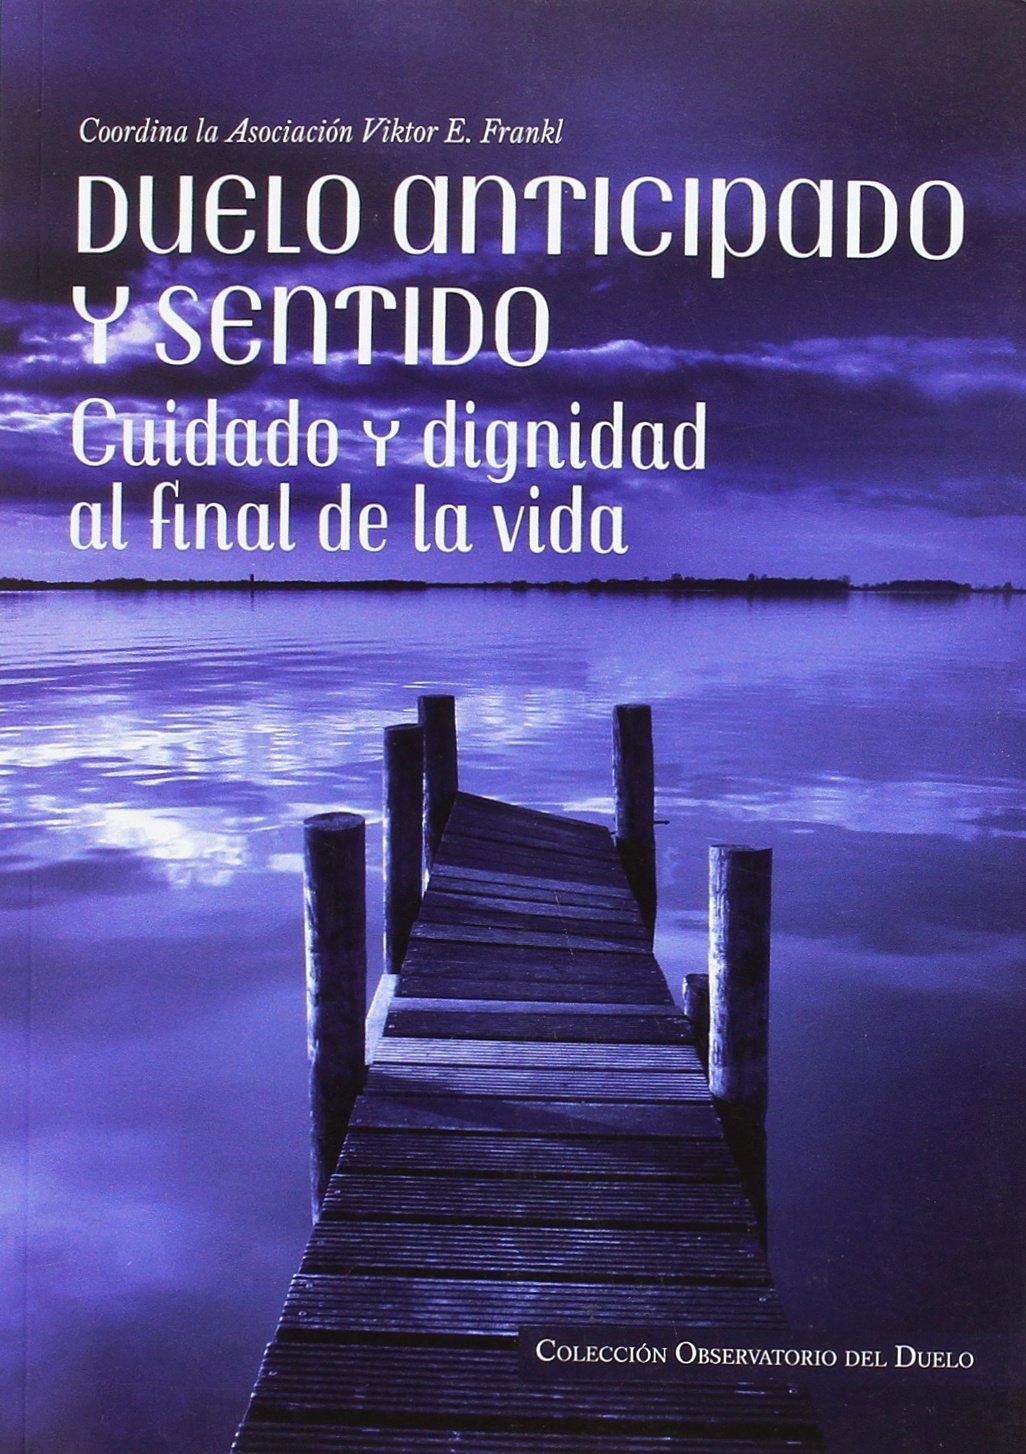 Duelo anticipado y sentido: Cuidado y dignidad al final de la vida OBSERVATORIO DEL DUELO: Amazon.es: Aa.vv, Aa.vv: Libros